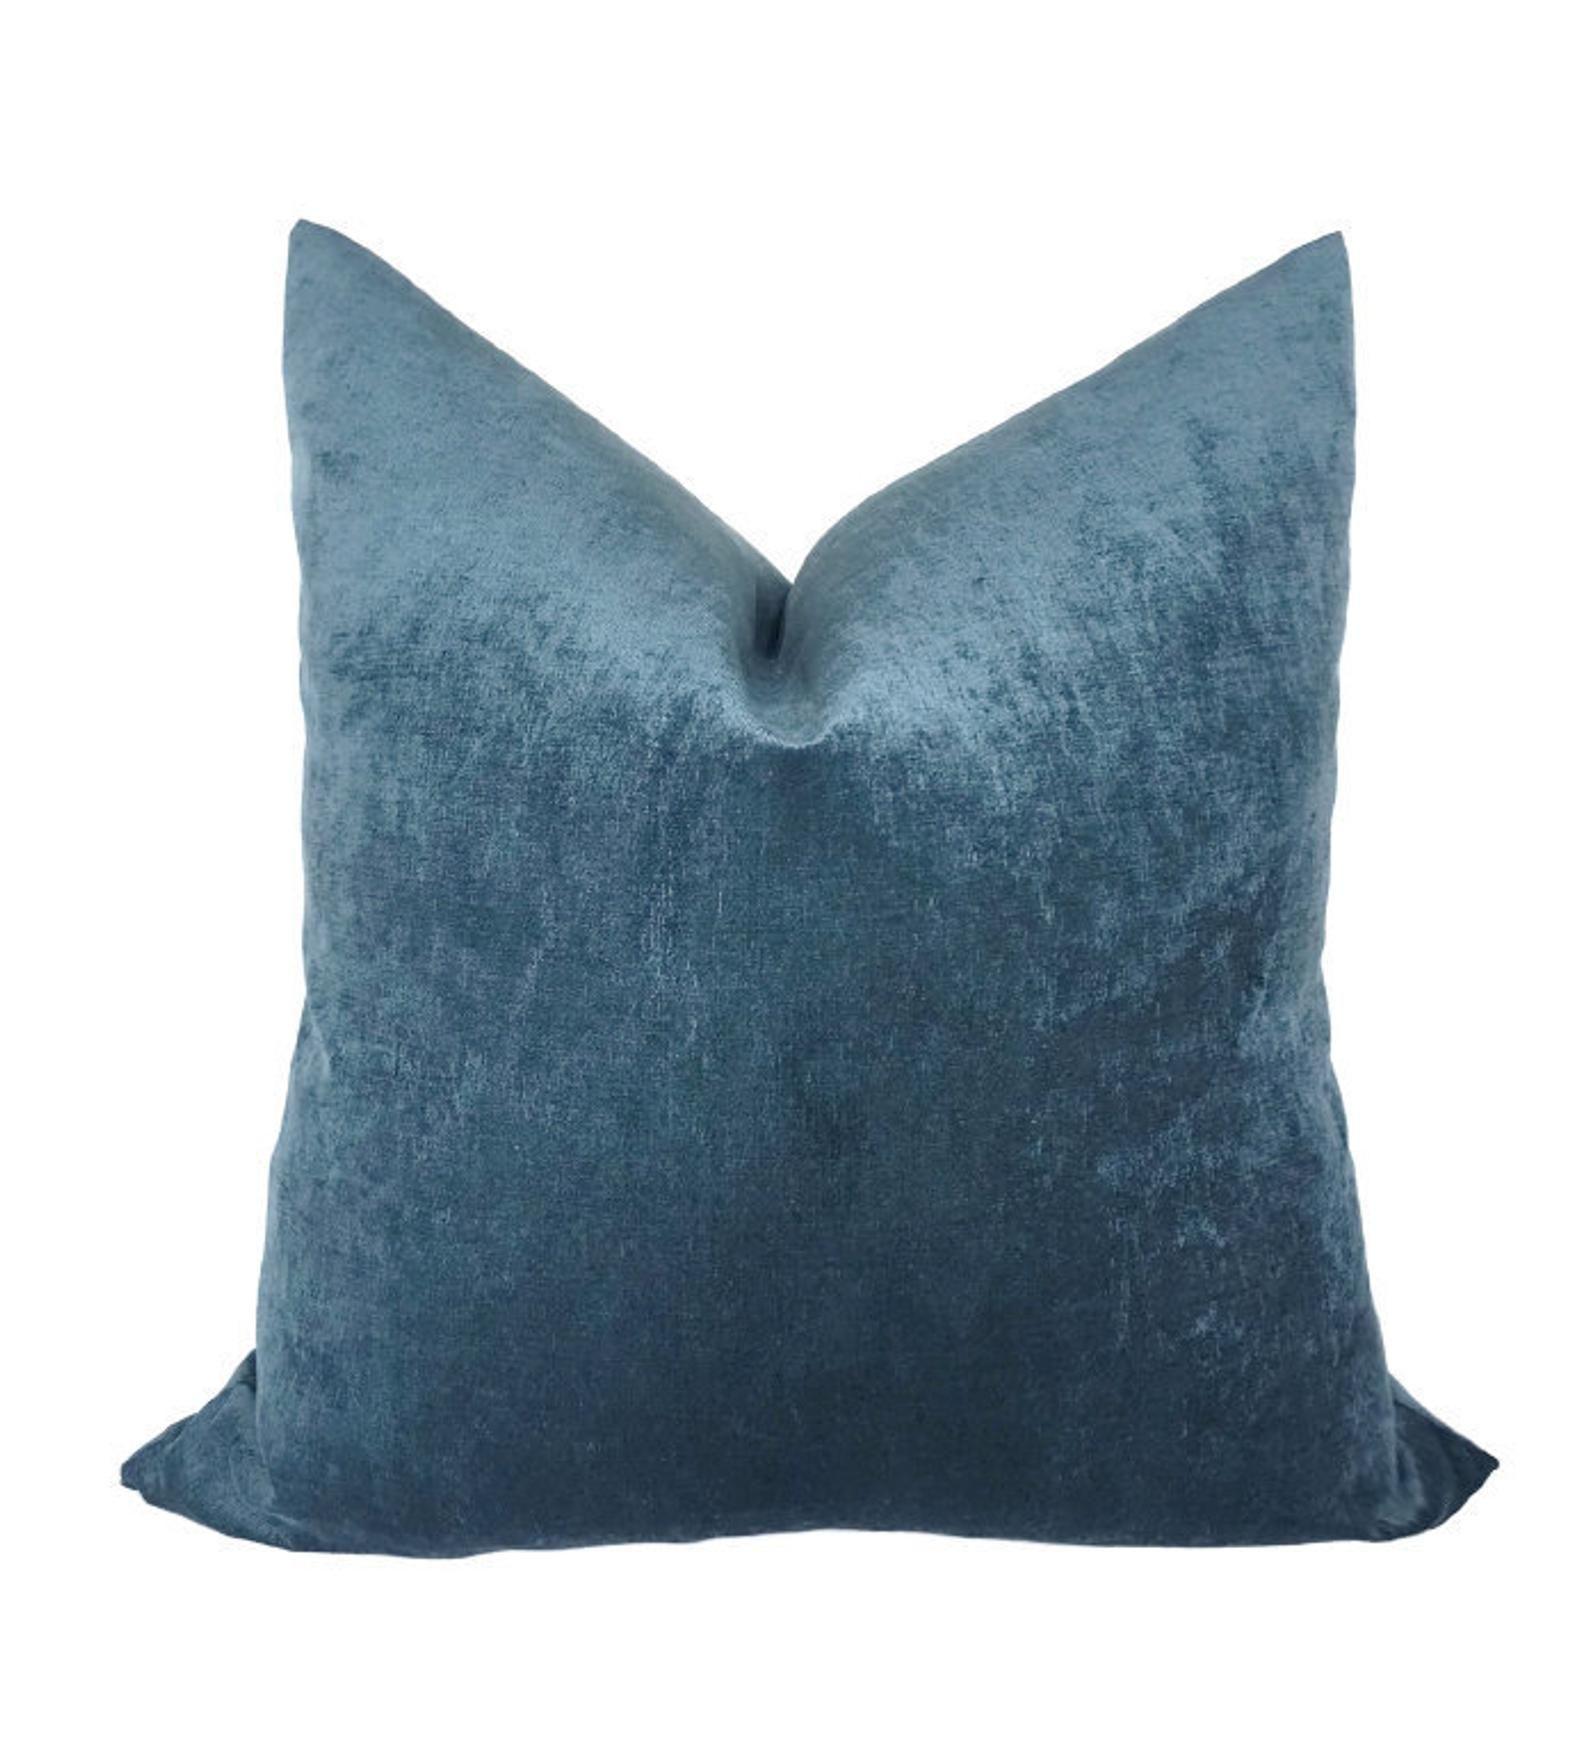 Blue Velvet Pillow Cover Blue Throw Pillows Decorative Etsy Blue Throw Pillows Blue Velvet Pillow Velvet Pillow Covers